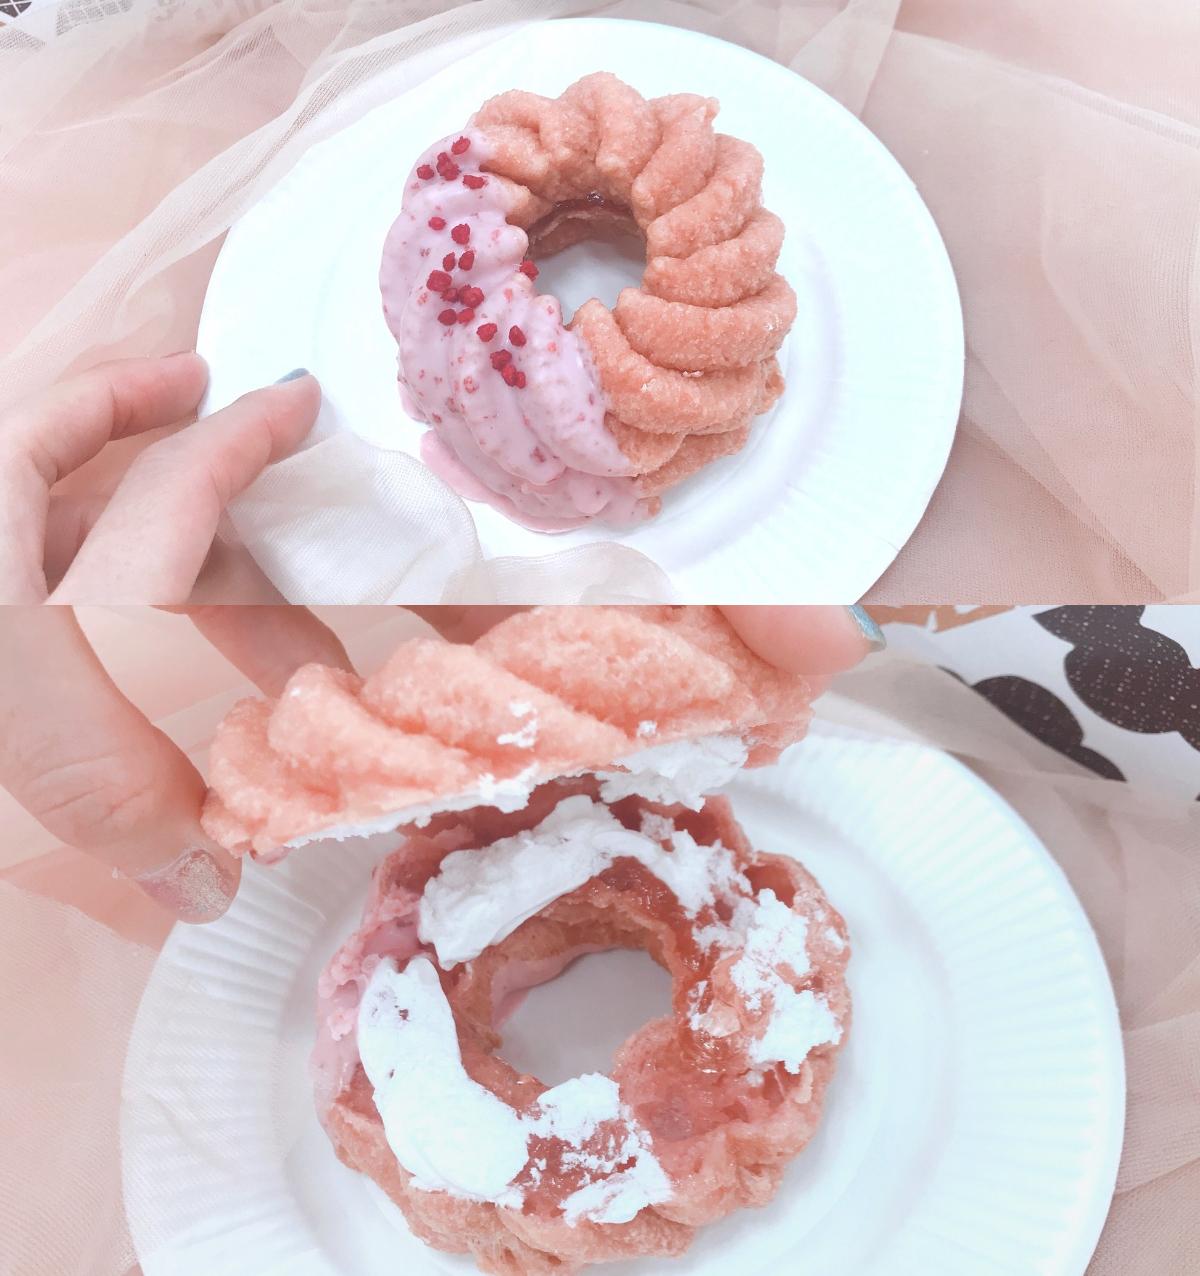 【ミスド 新作】「桜が咲くドドーナツシリーズ」6品を食べてみた♡ お花見のおやつにもおすすめ! _7